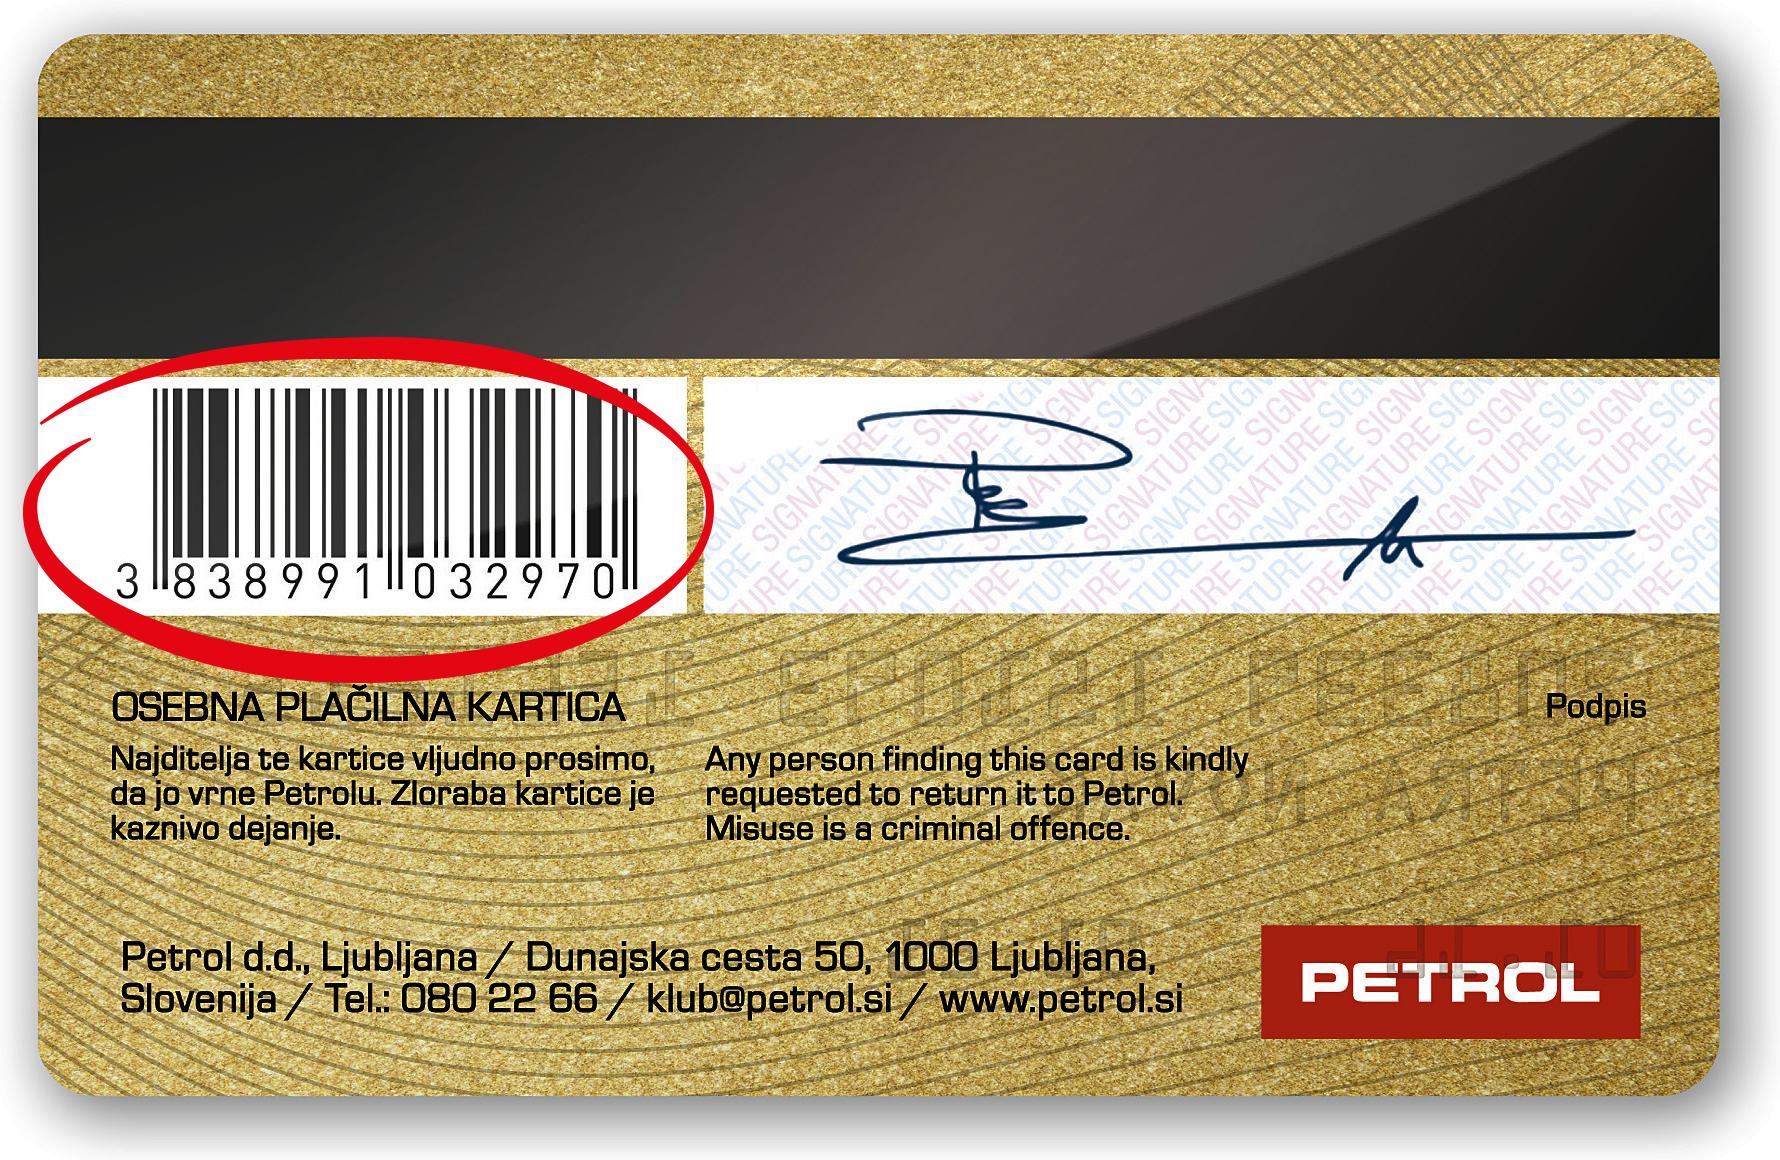 Petrol klub plačilna kartica